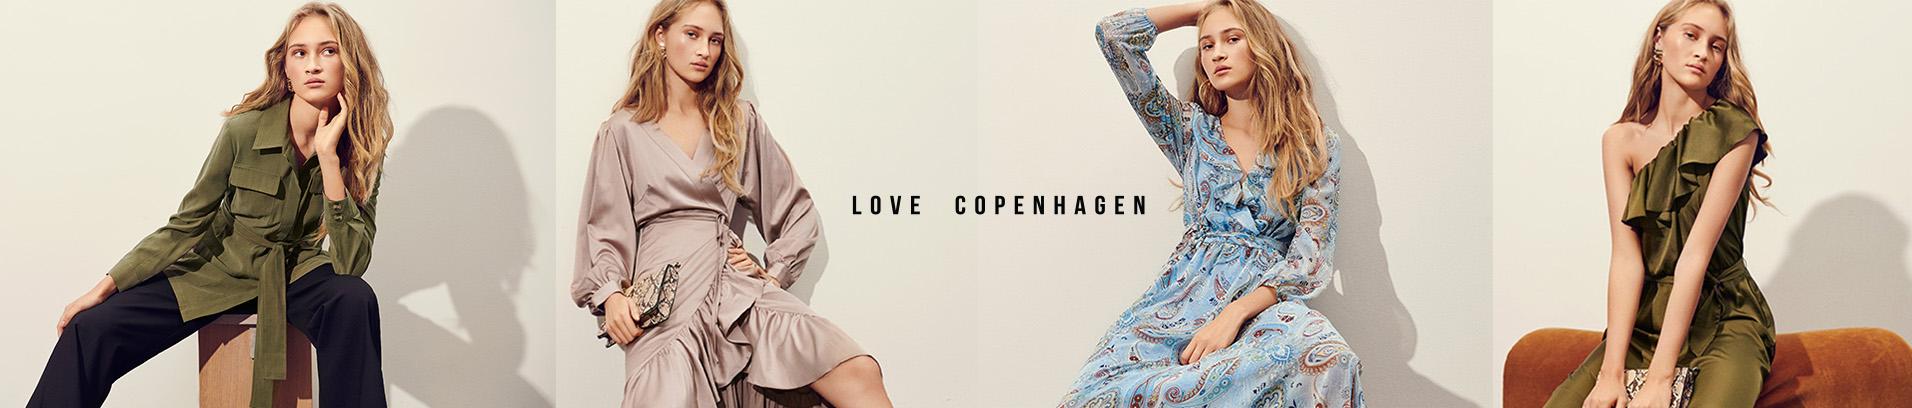 Love Copenhagen | La nuova collezione online su Zalando